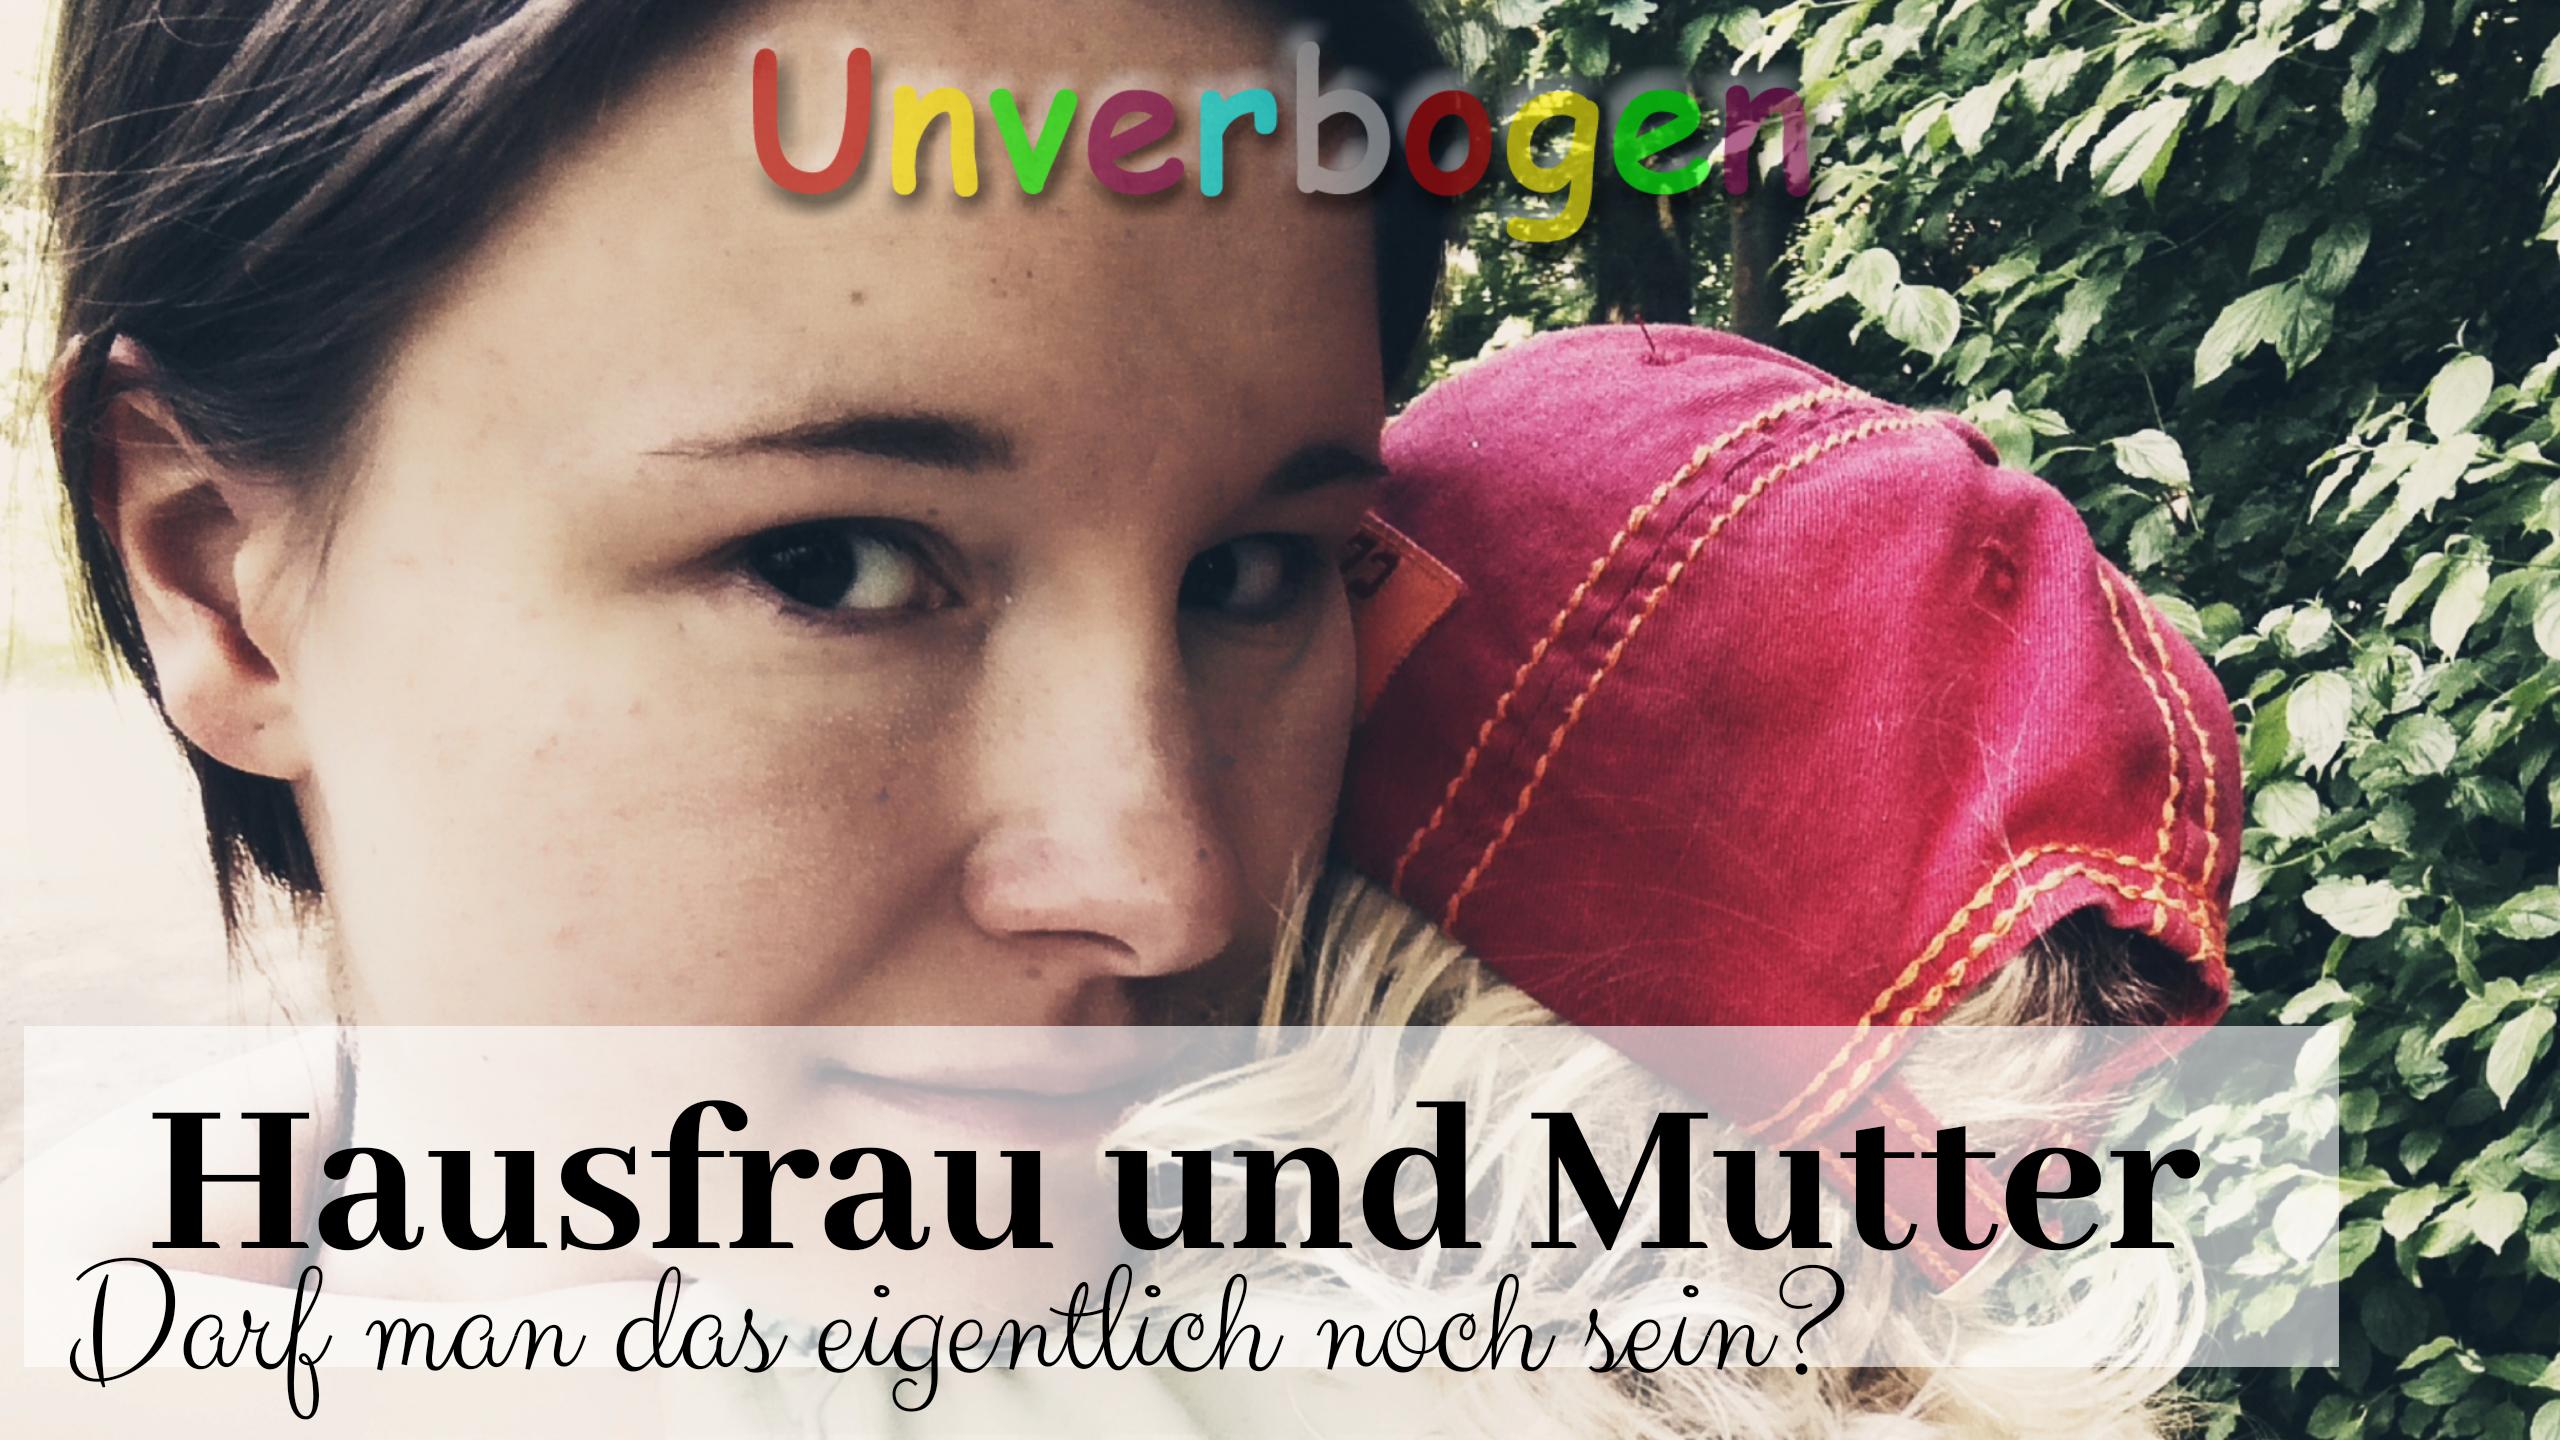 Hausfrau udn Mutter _ Titelbild